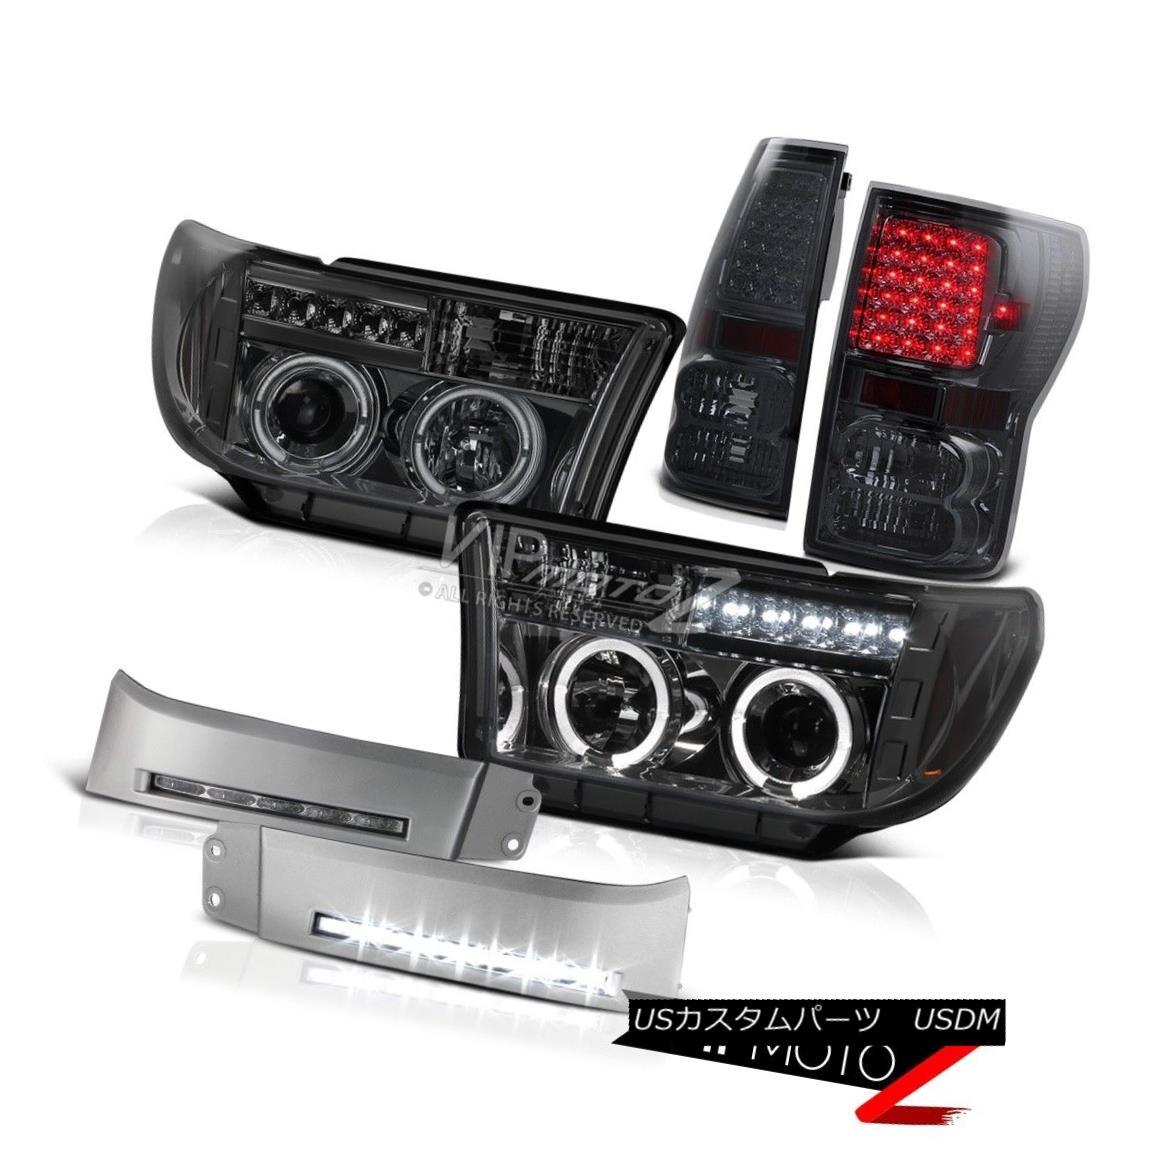 ヘッドライト 2007-2013 Tundra Toyota Smoke BEAST LED Rear Taillights Halo Headlights SMD DRL 2007年?2013年トヨタトヨタスモークBEAST LEDリアテールライトハローヘッドライトとDRL